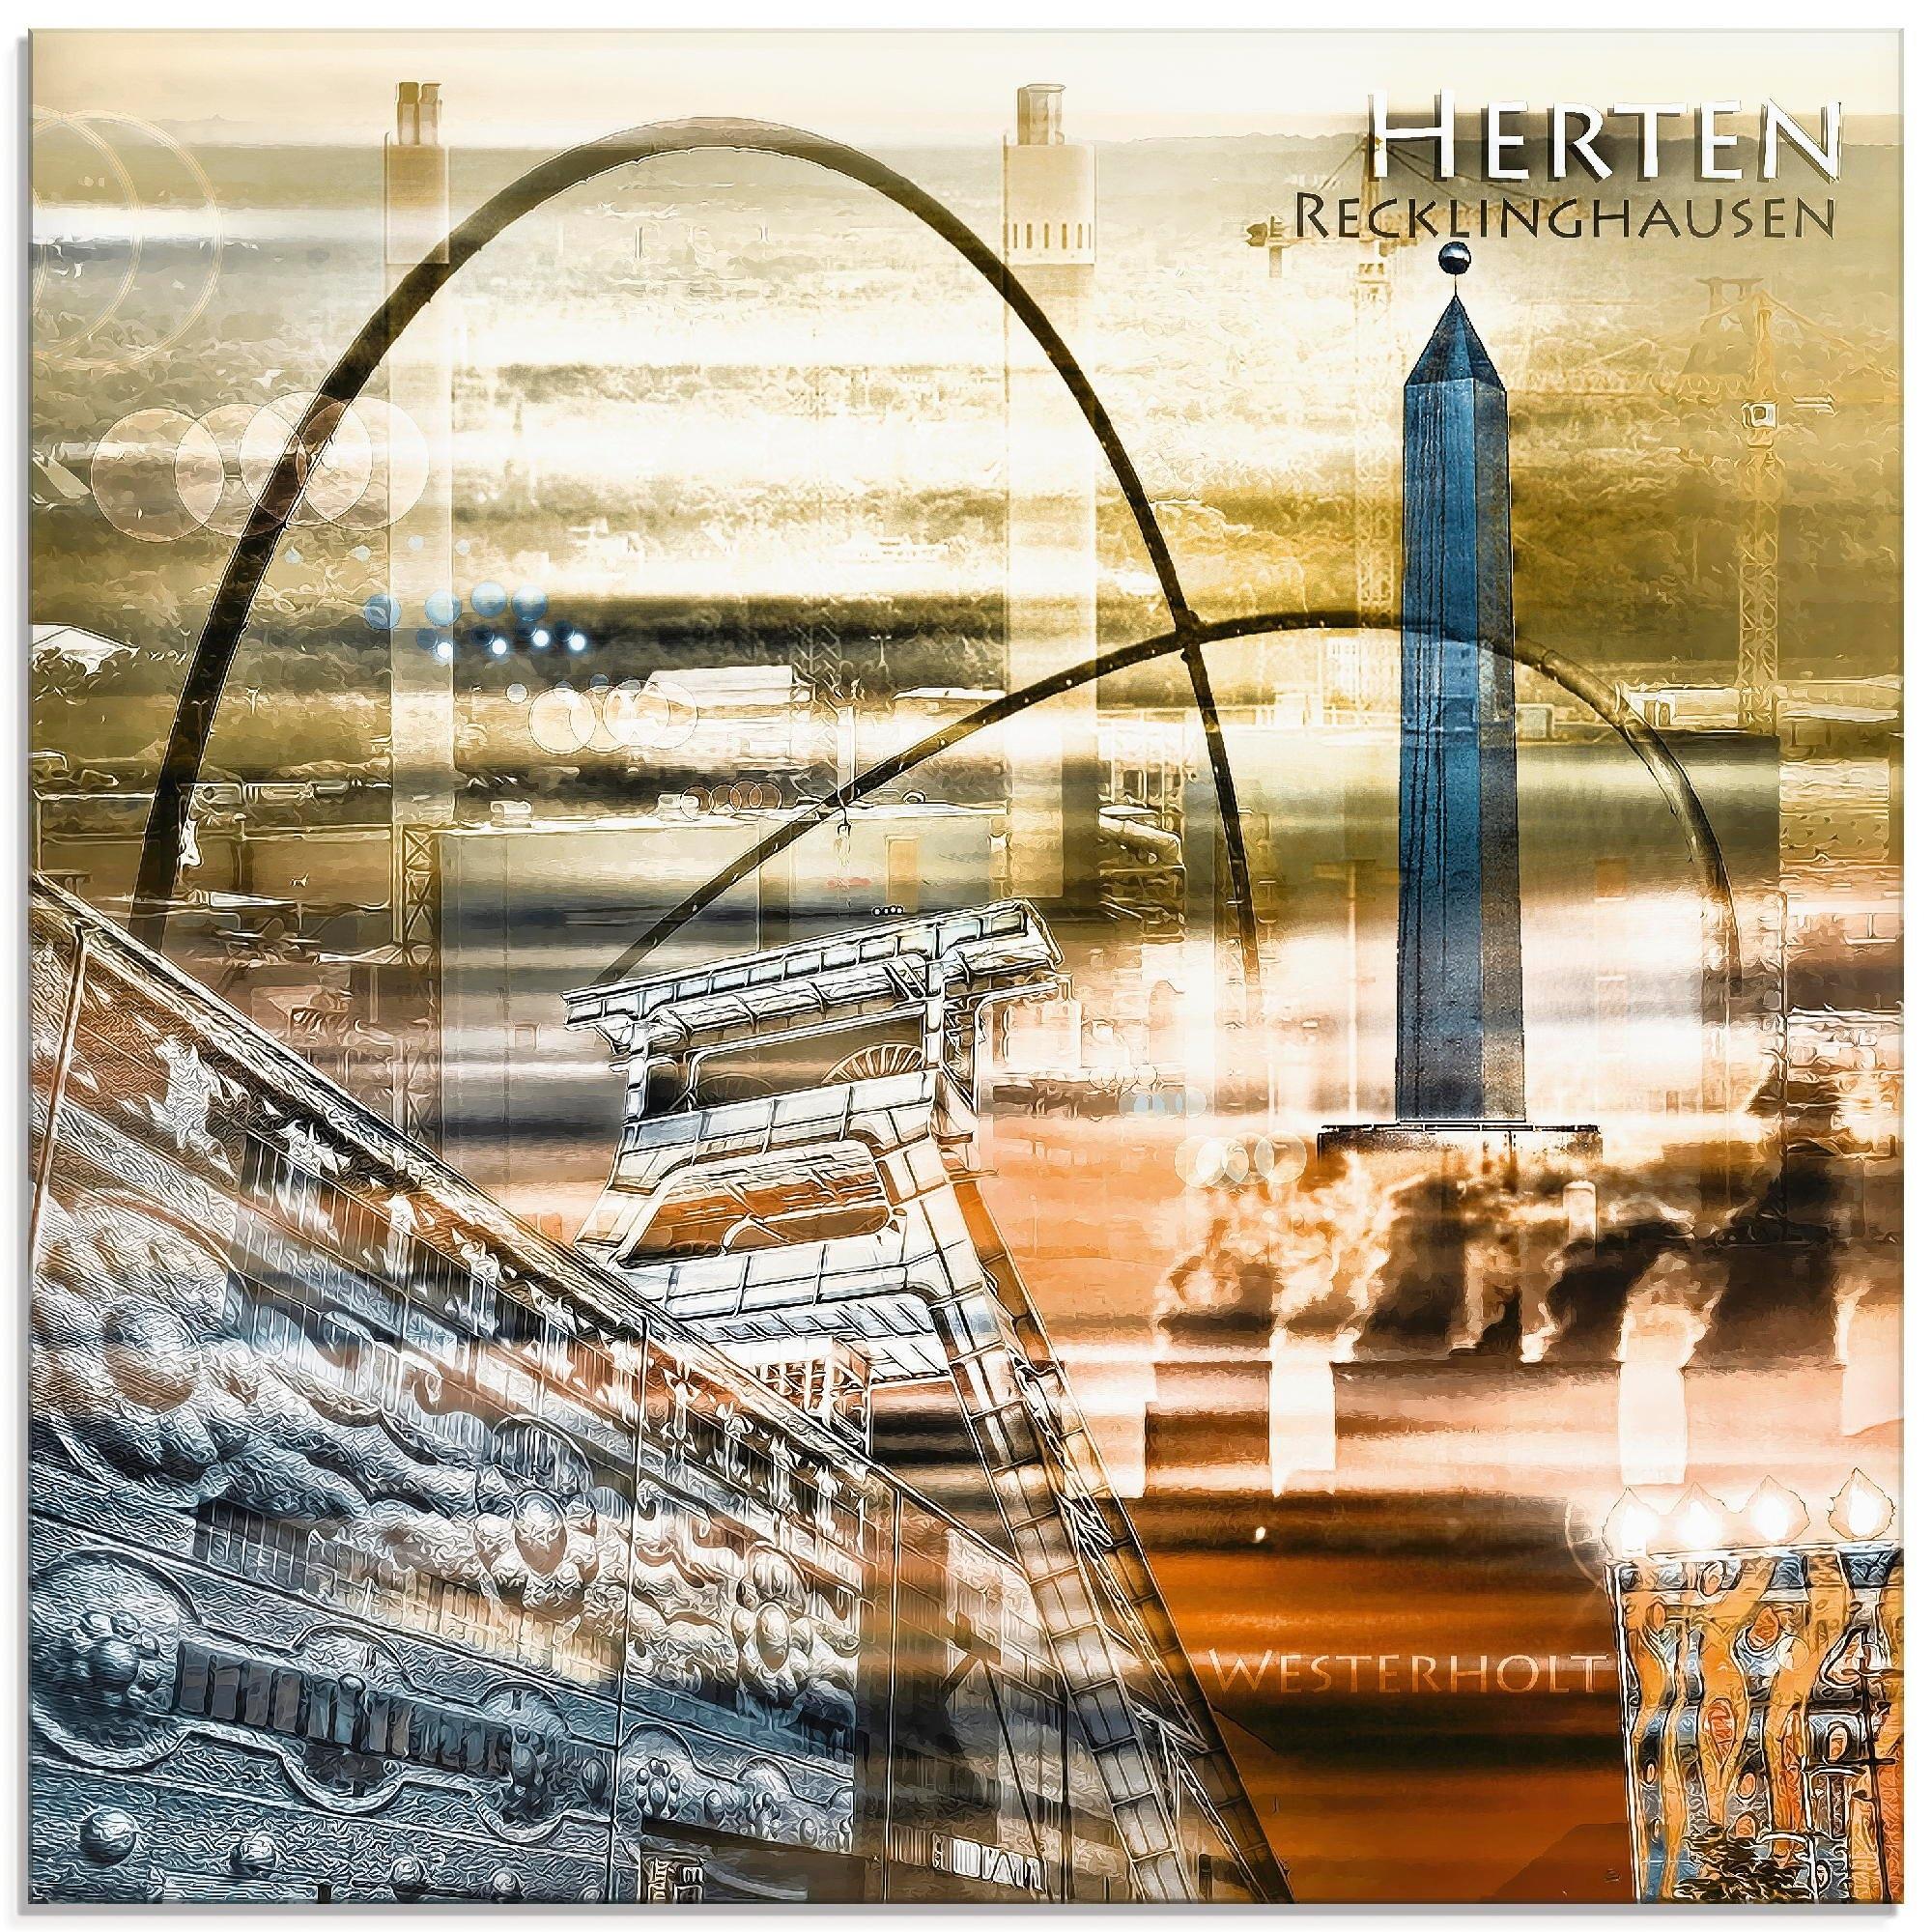 Artland Print op glas Herten skyline abstracte collage (1 stuk) voordelig en veilig online kopen